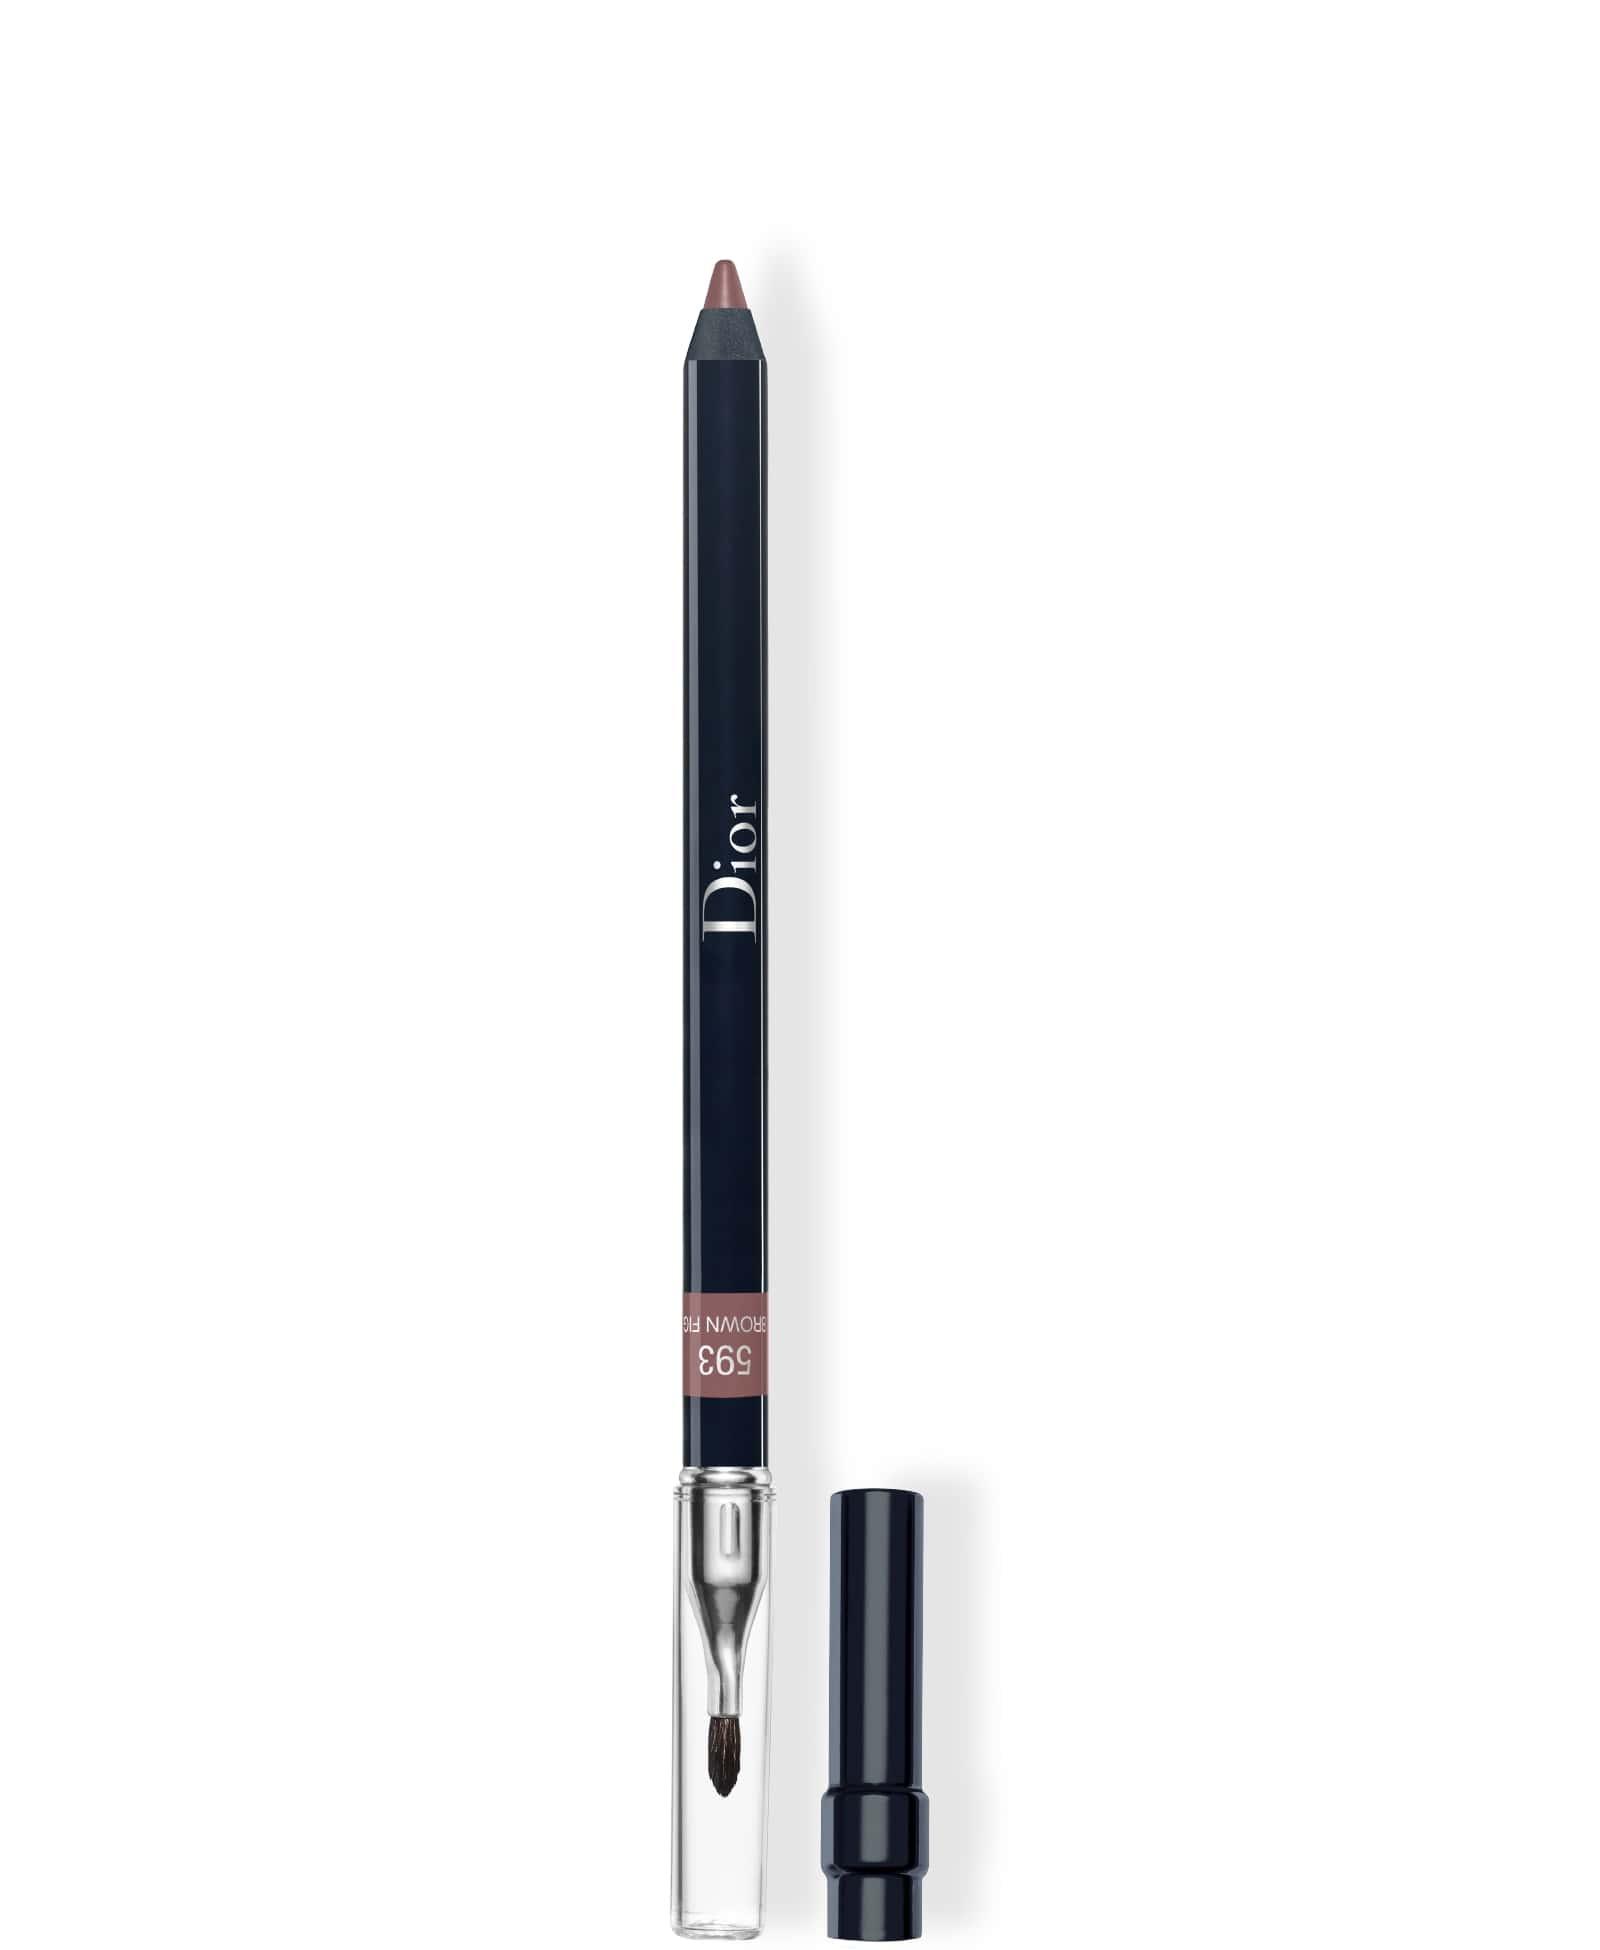 DIOR Contour Lipliner Pencil, 593 brown fig